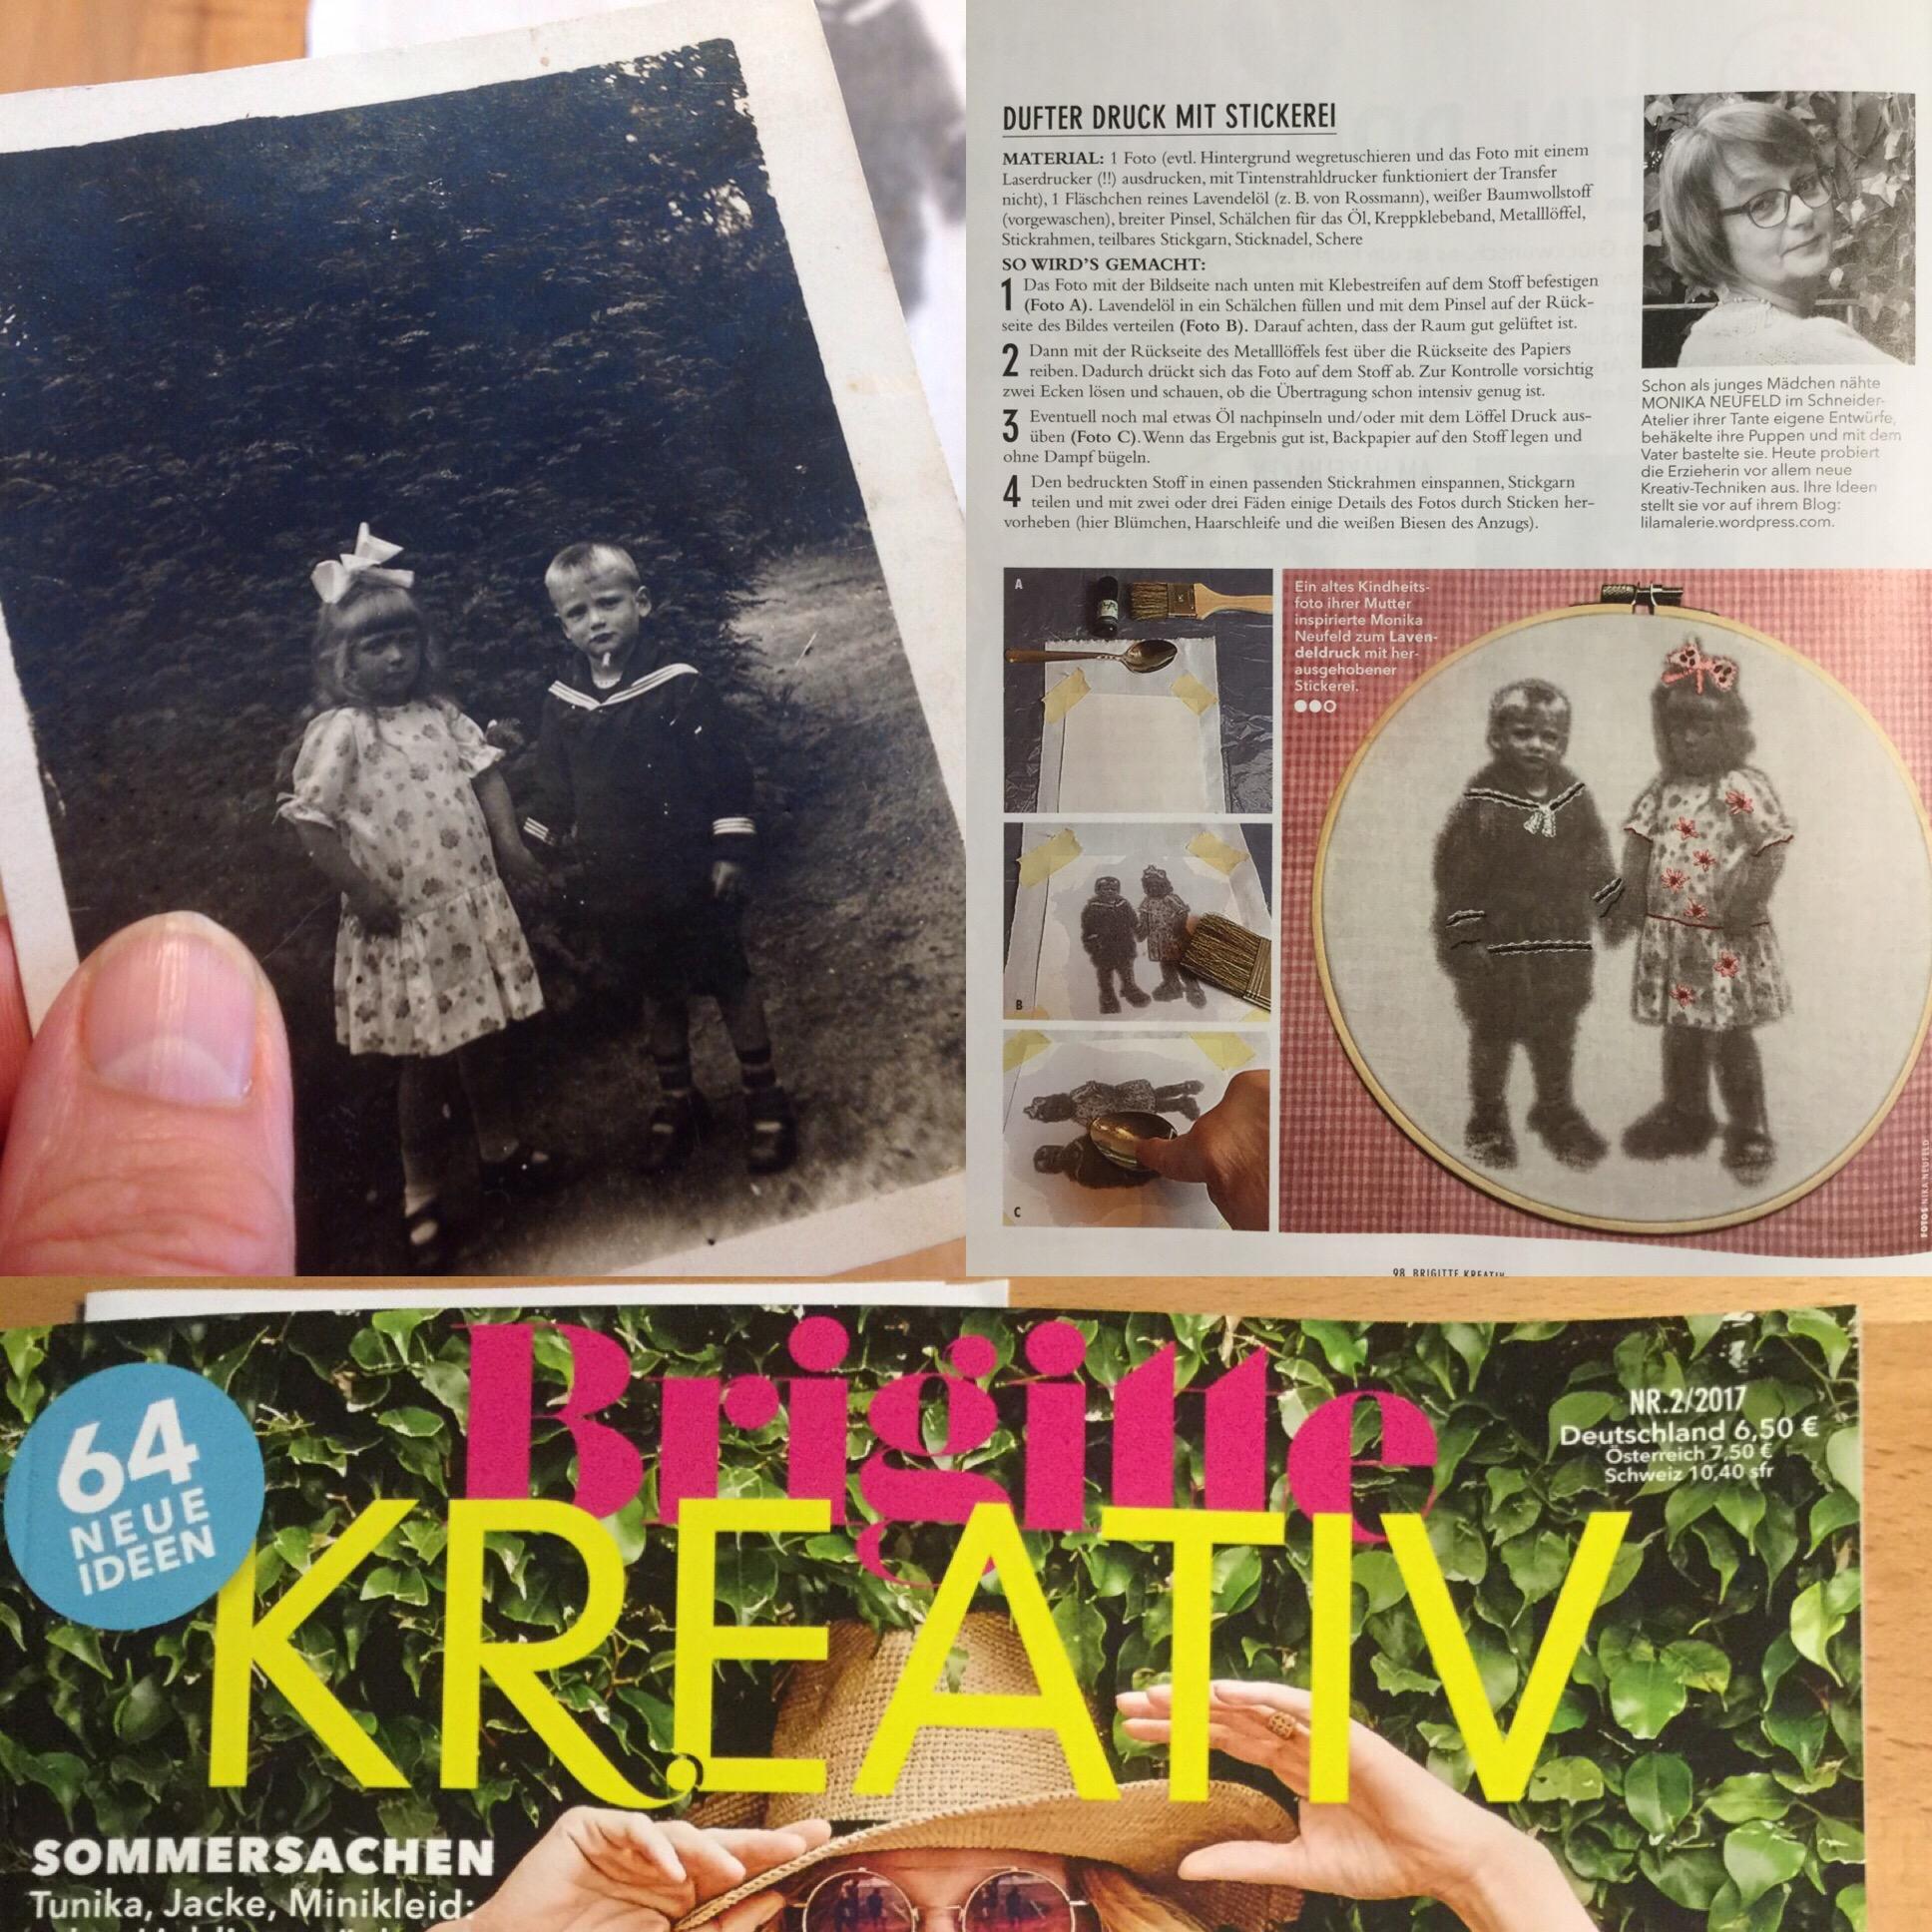 """Erinnerungen an meine Mama – oder – Wie das Mädchen mit der großen Schleife dafür sorgte, dass mein Foto in der neuen """"Brigitte Kreativ"""" erscheint"""